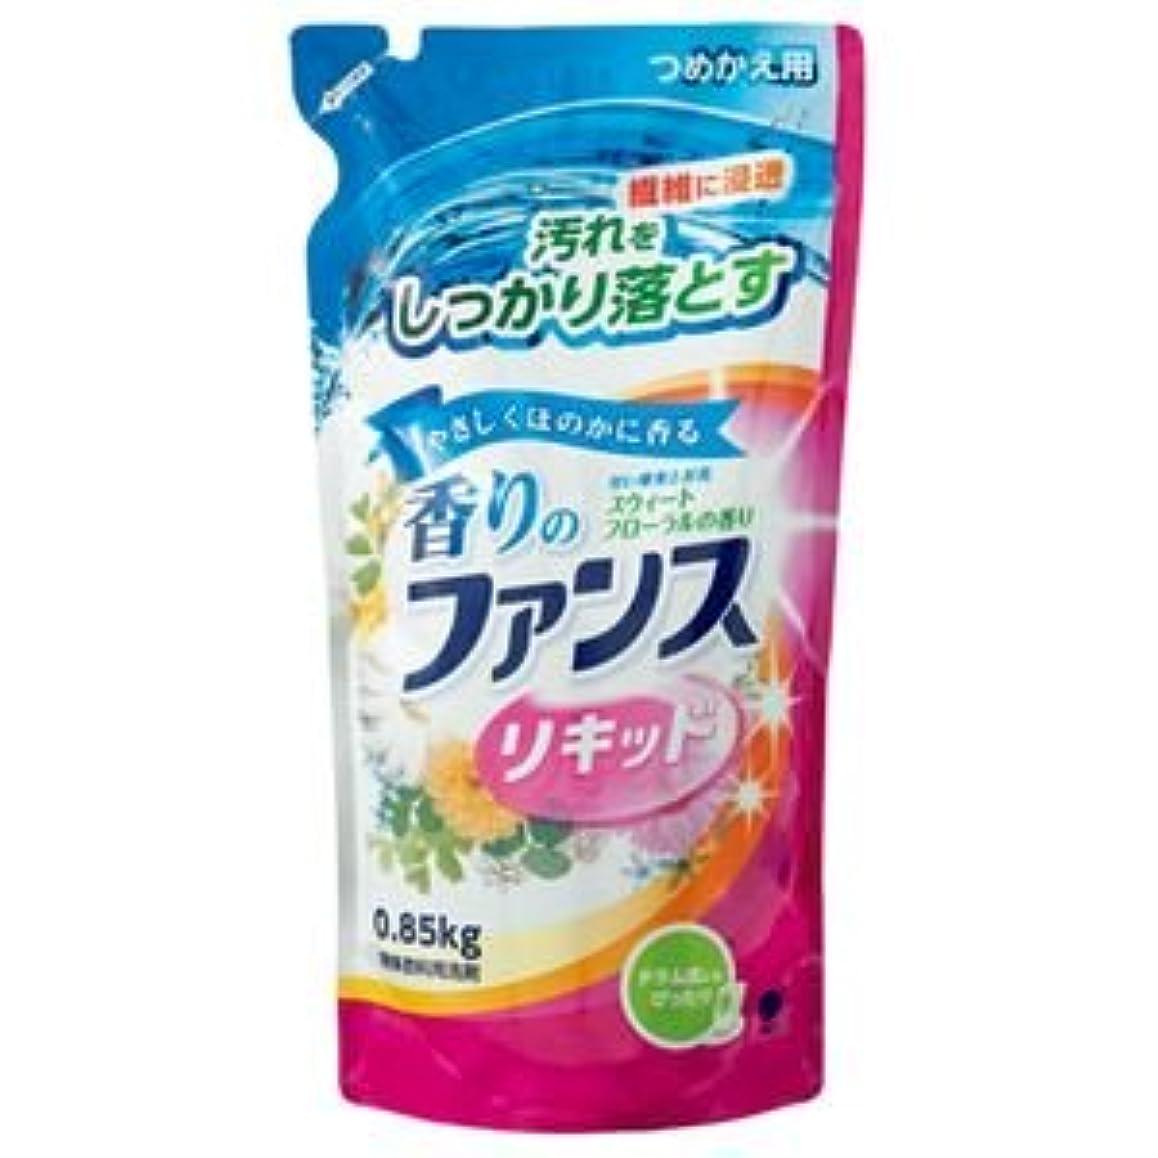 意味杭革命的(まとめ) 第一石鹸 香りのファンス 液体衣料用洗剤リキッド 詰替用 0.85kg 1個 【×15セット】